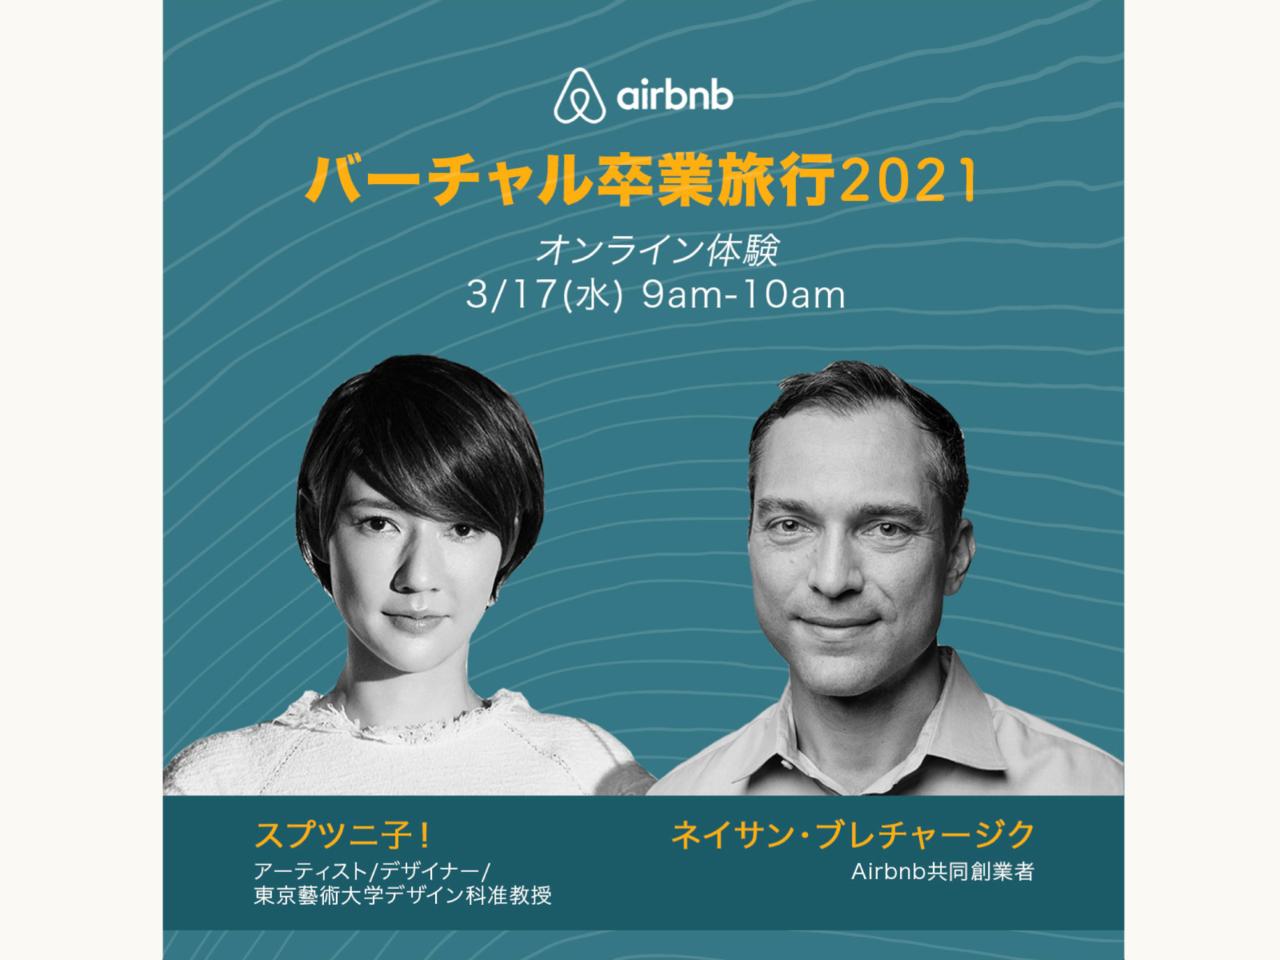 今年、卒業旅行へいけない学生たちへ!Airbnb共同創業者が「バーチャル卒業旅行2021」ご招待